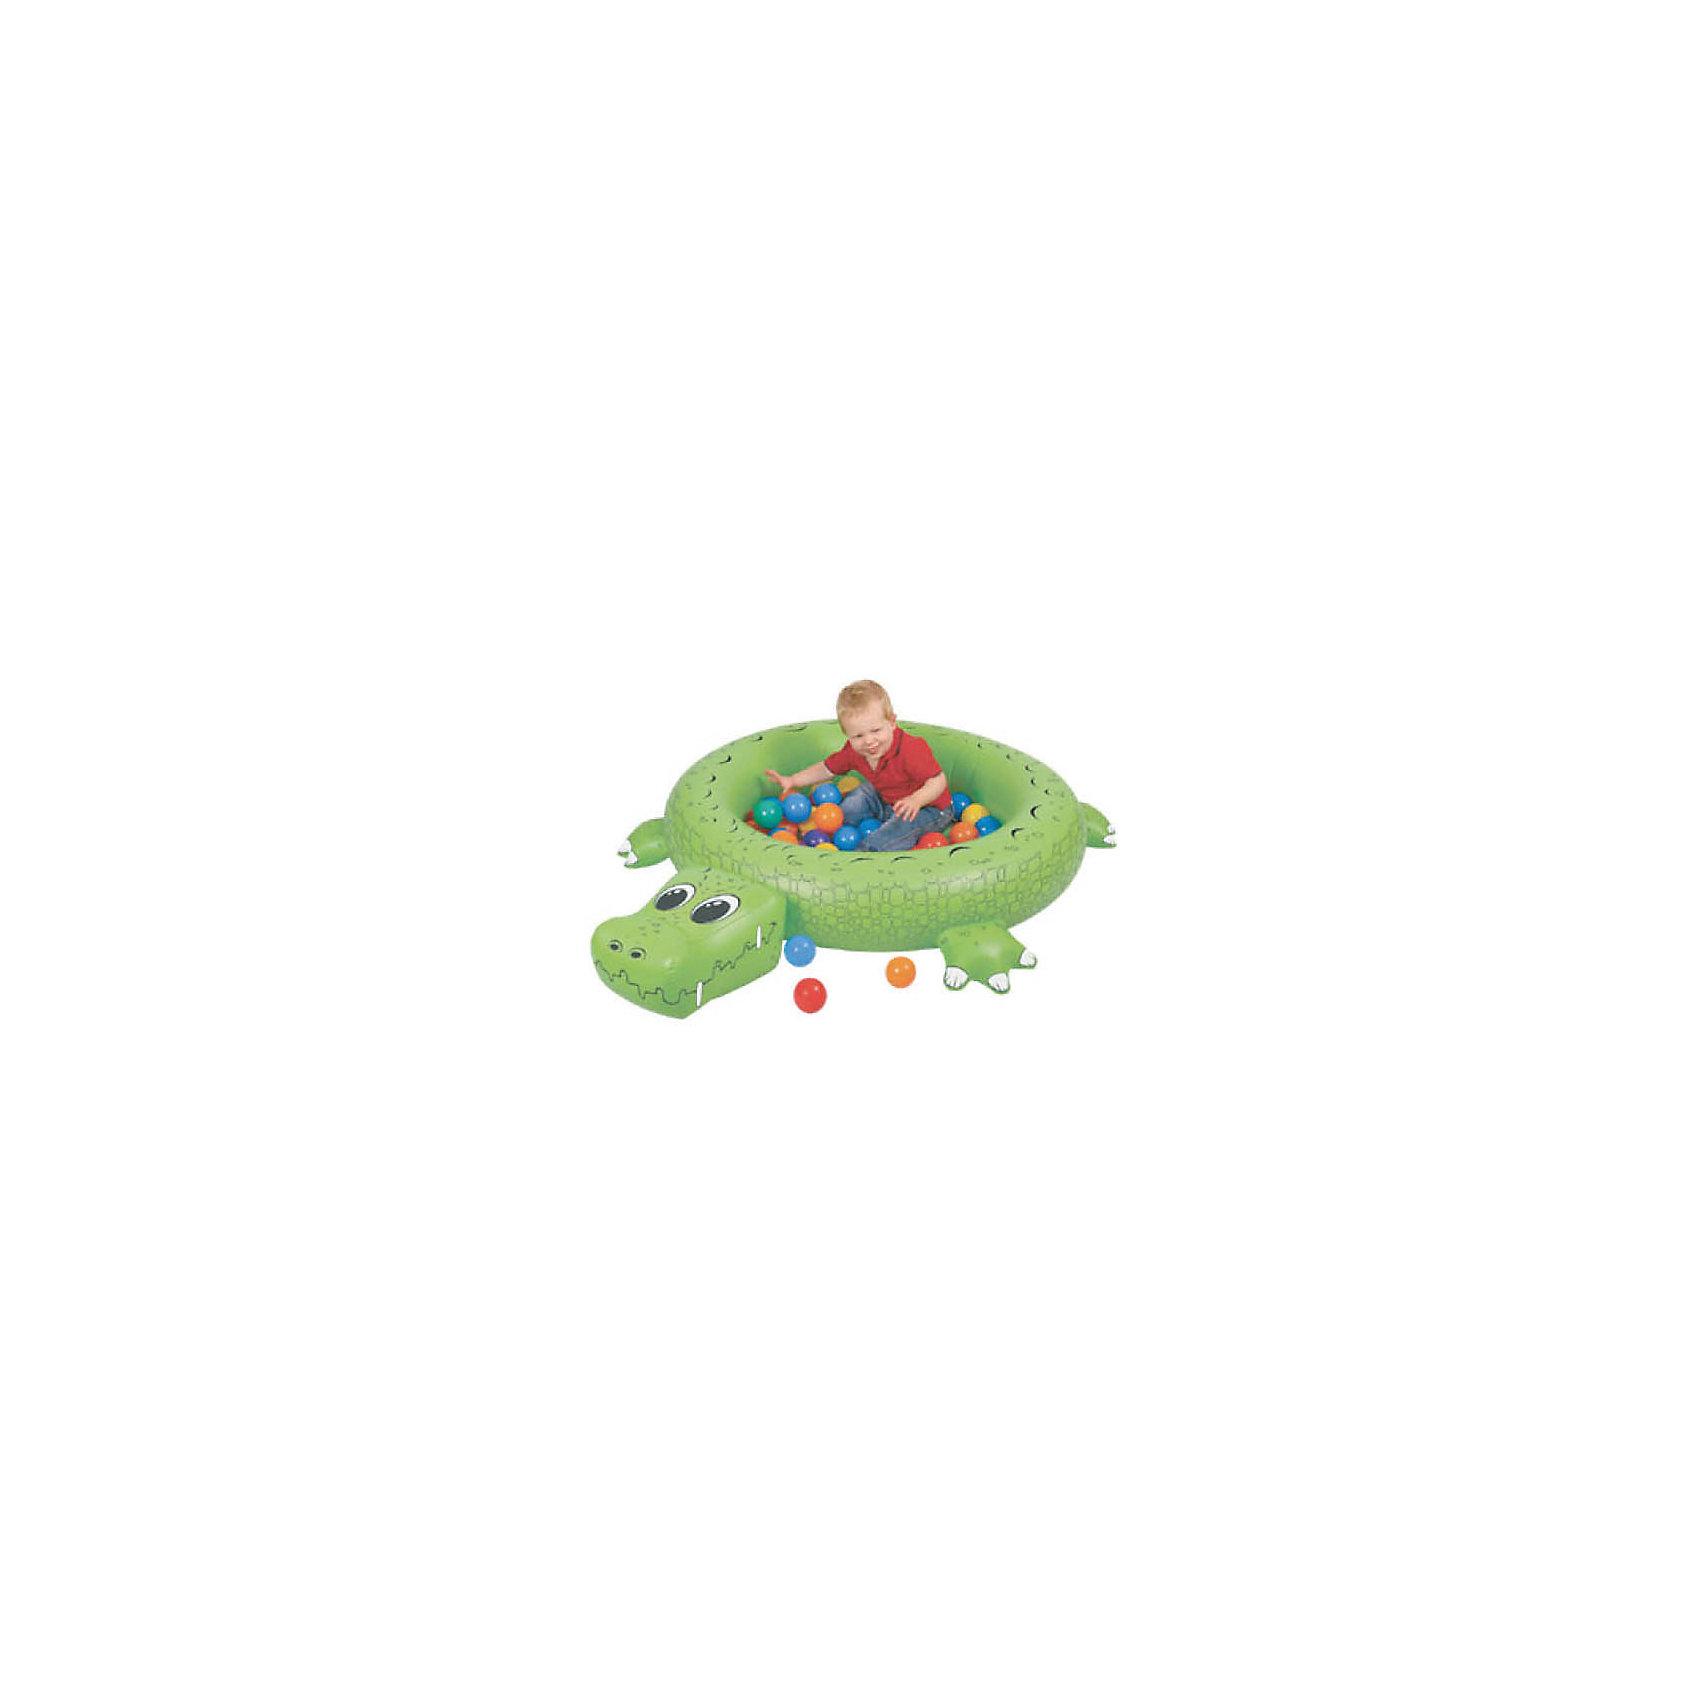 Сухой надувной бассейн Крокодил, UprightСухой надувной бассейн «Крокодил» с множеством шариков  (50 шт) подходит как для игр в помещении, так и для отдыха детей на даче и за городом Возраст:9+ месяцев<br>Размер: 135х107х23h см<br><br>Ширина мм: 1350<br>Глубина мм: 1070<br>Высота мм: 230<br>Вес г: 1000<br>Возраст от месяцев: 24<br>Возраст до месяцев: 84<br>Пол: Унисекс<br>Возраст: Детский<br>SKU: 4785529